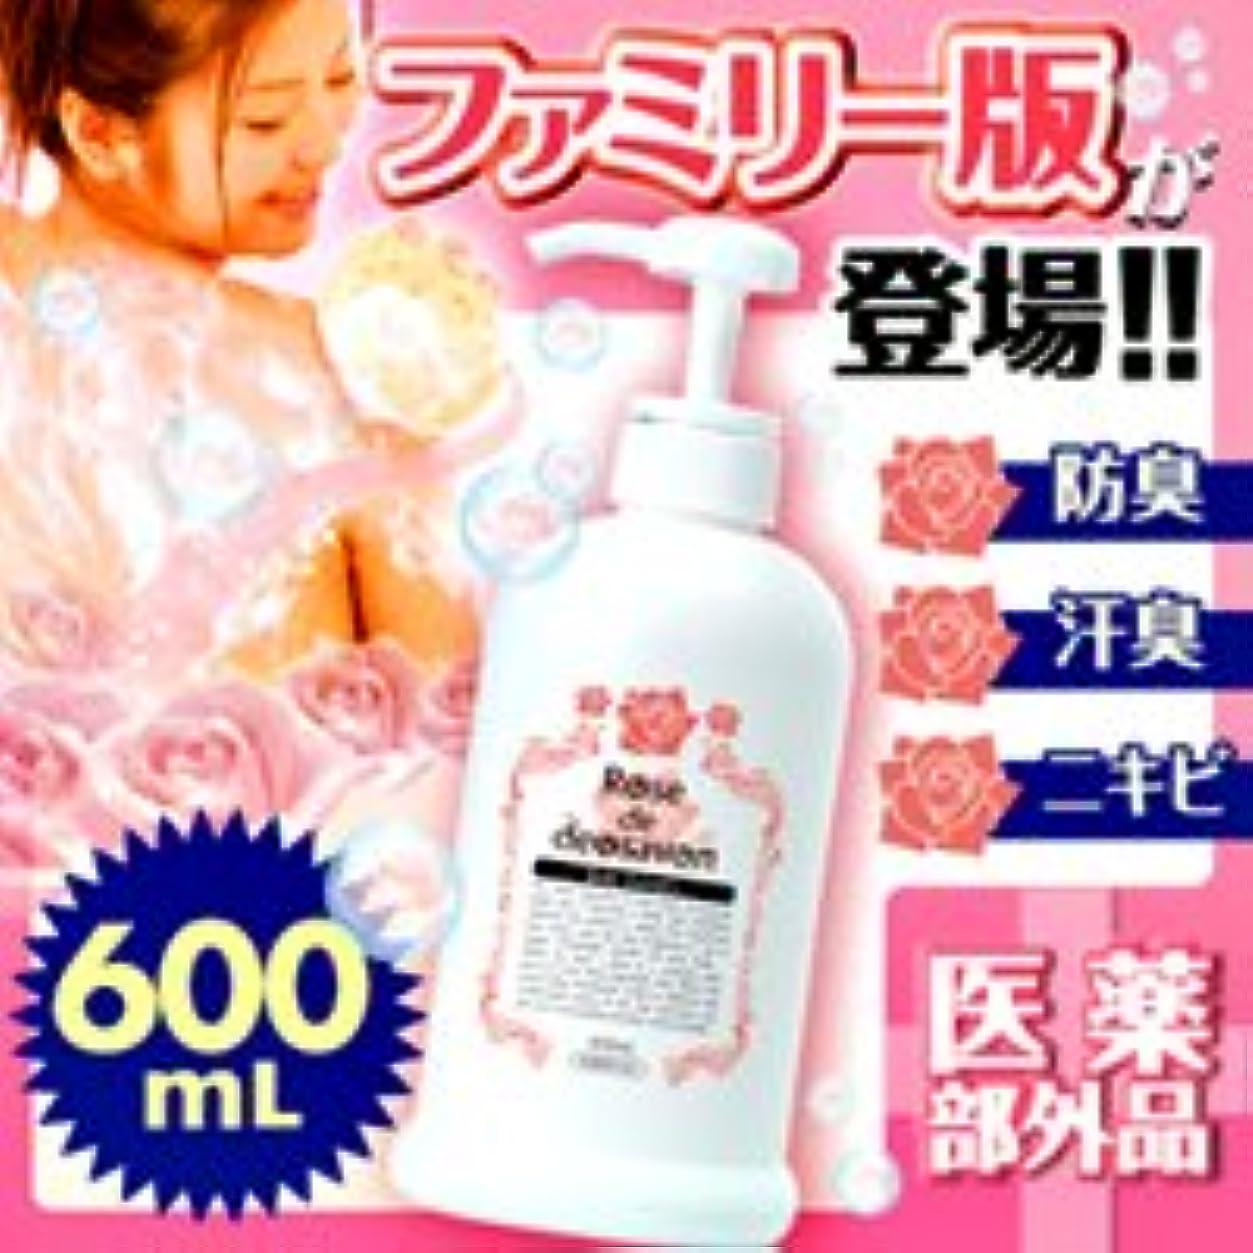 超越するクリエイティブ回想ローズドデオシャボン 増量版600ml ※体臭や加齢臭対策に大人気!ファミリー版新登場です!